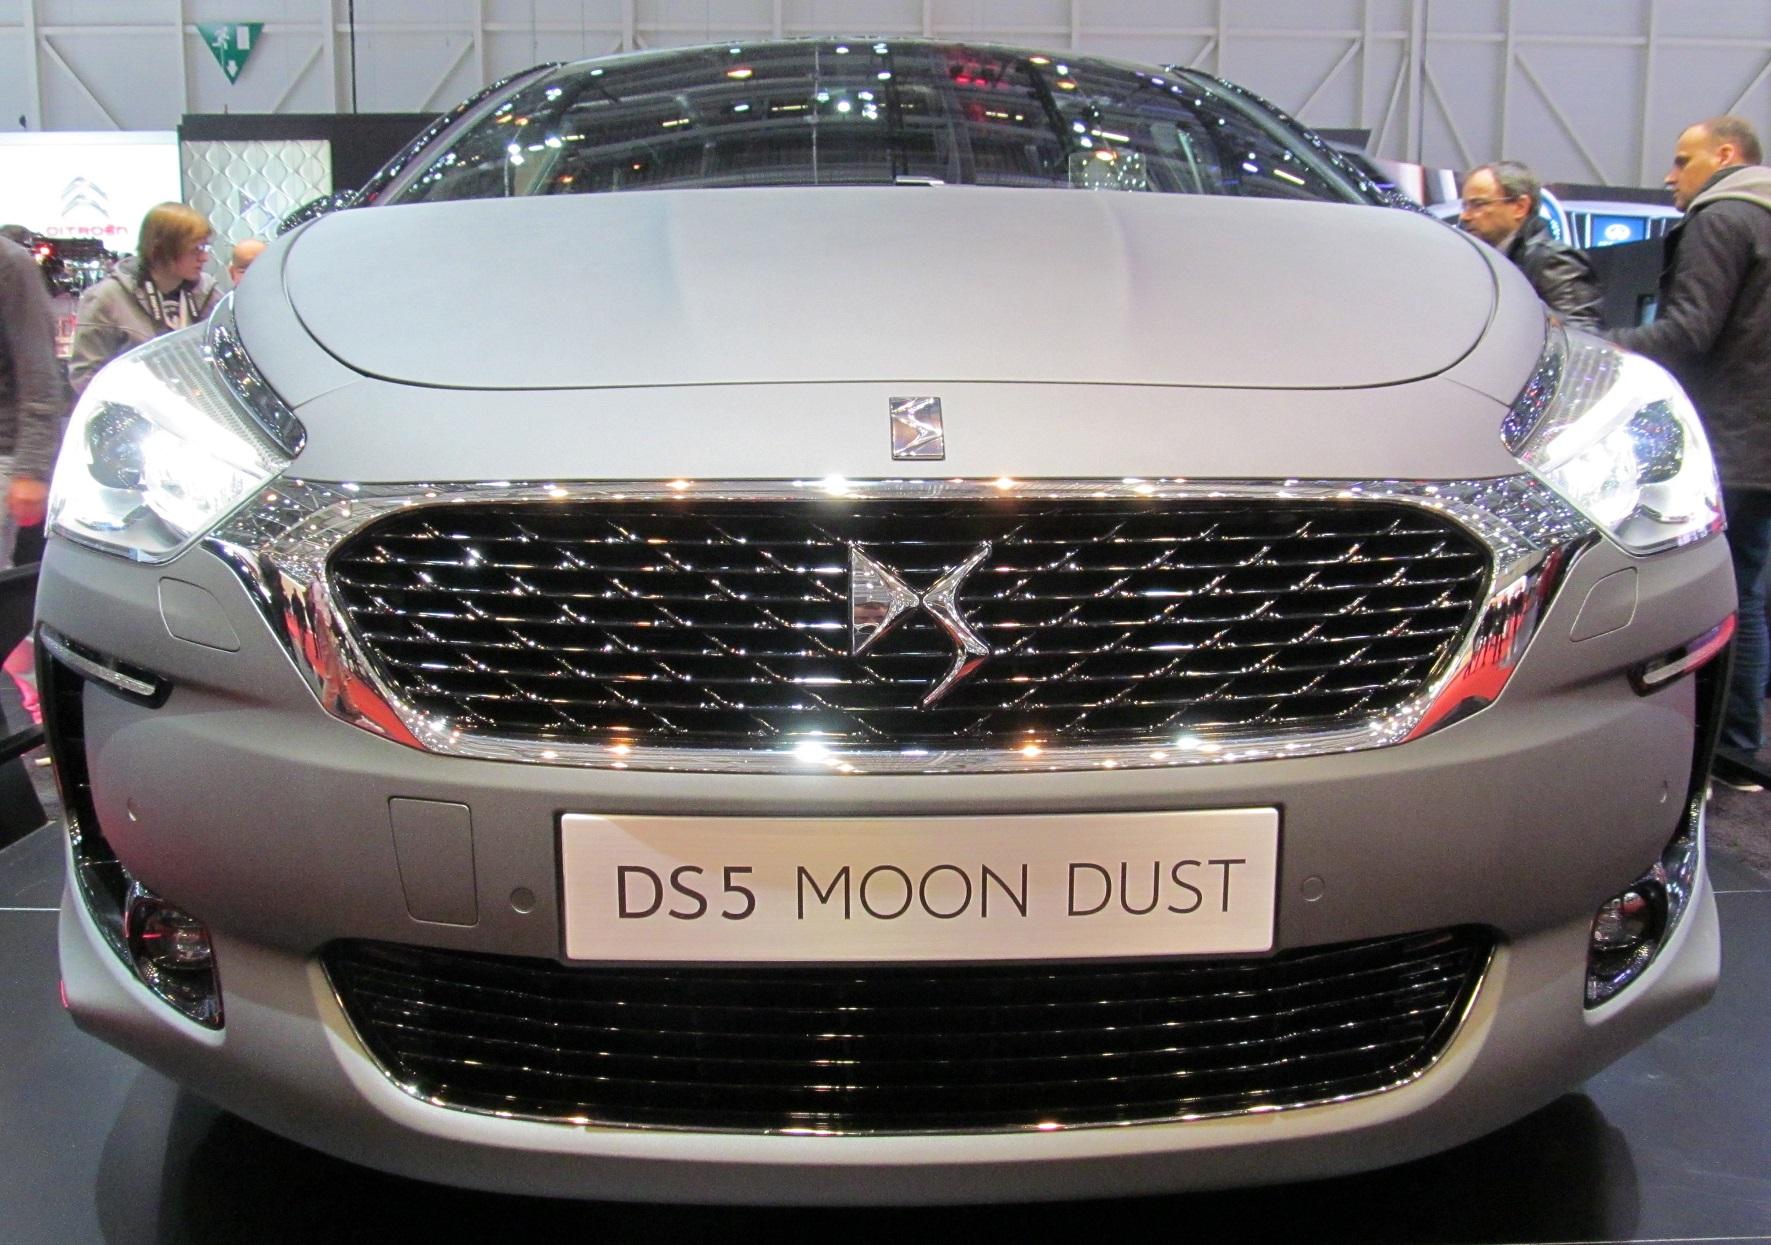 ds5 moon dust citroen salon de l 39 automobile geneve citro n france autoalmanach. Black Bedroom Furniture Sets. Home Design Ideas